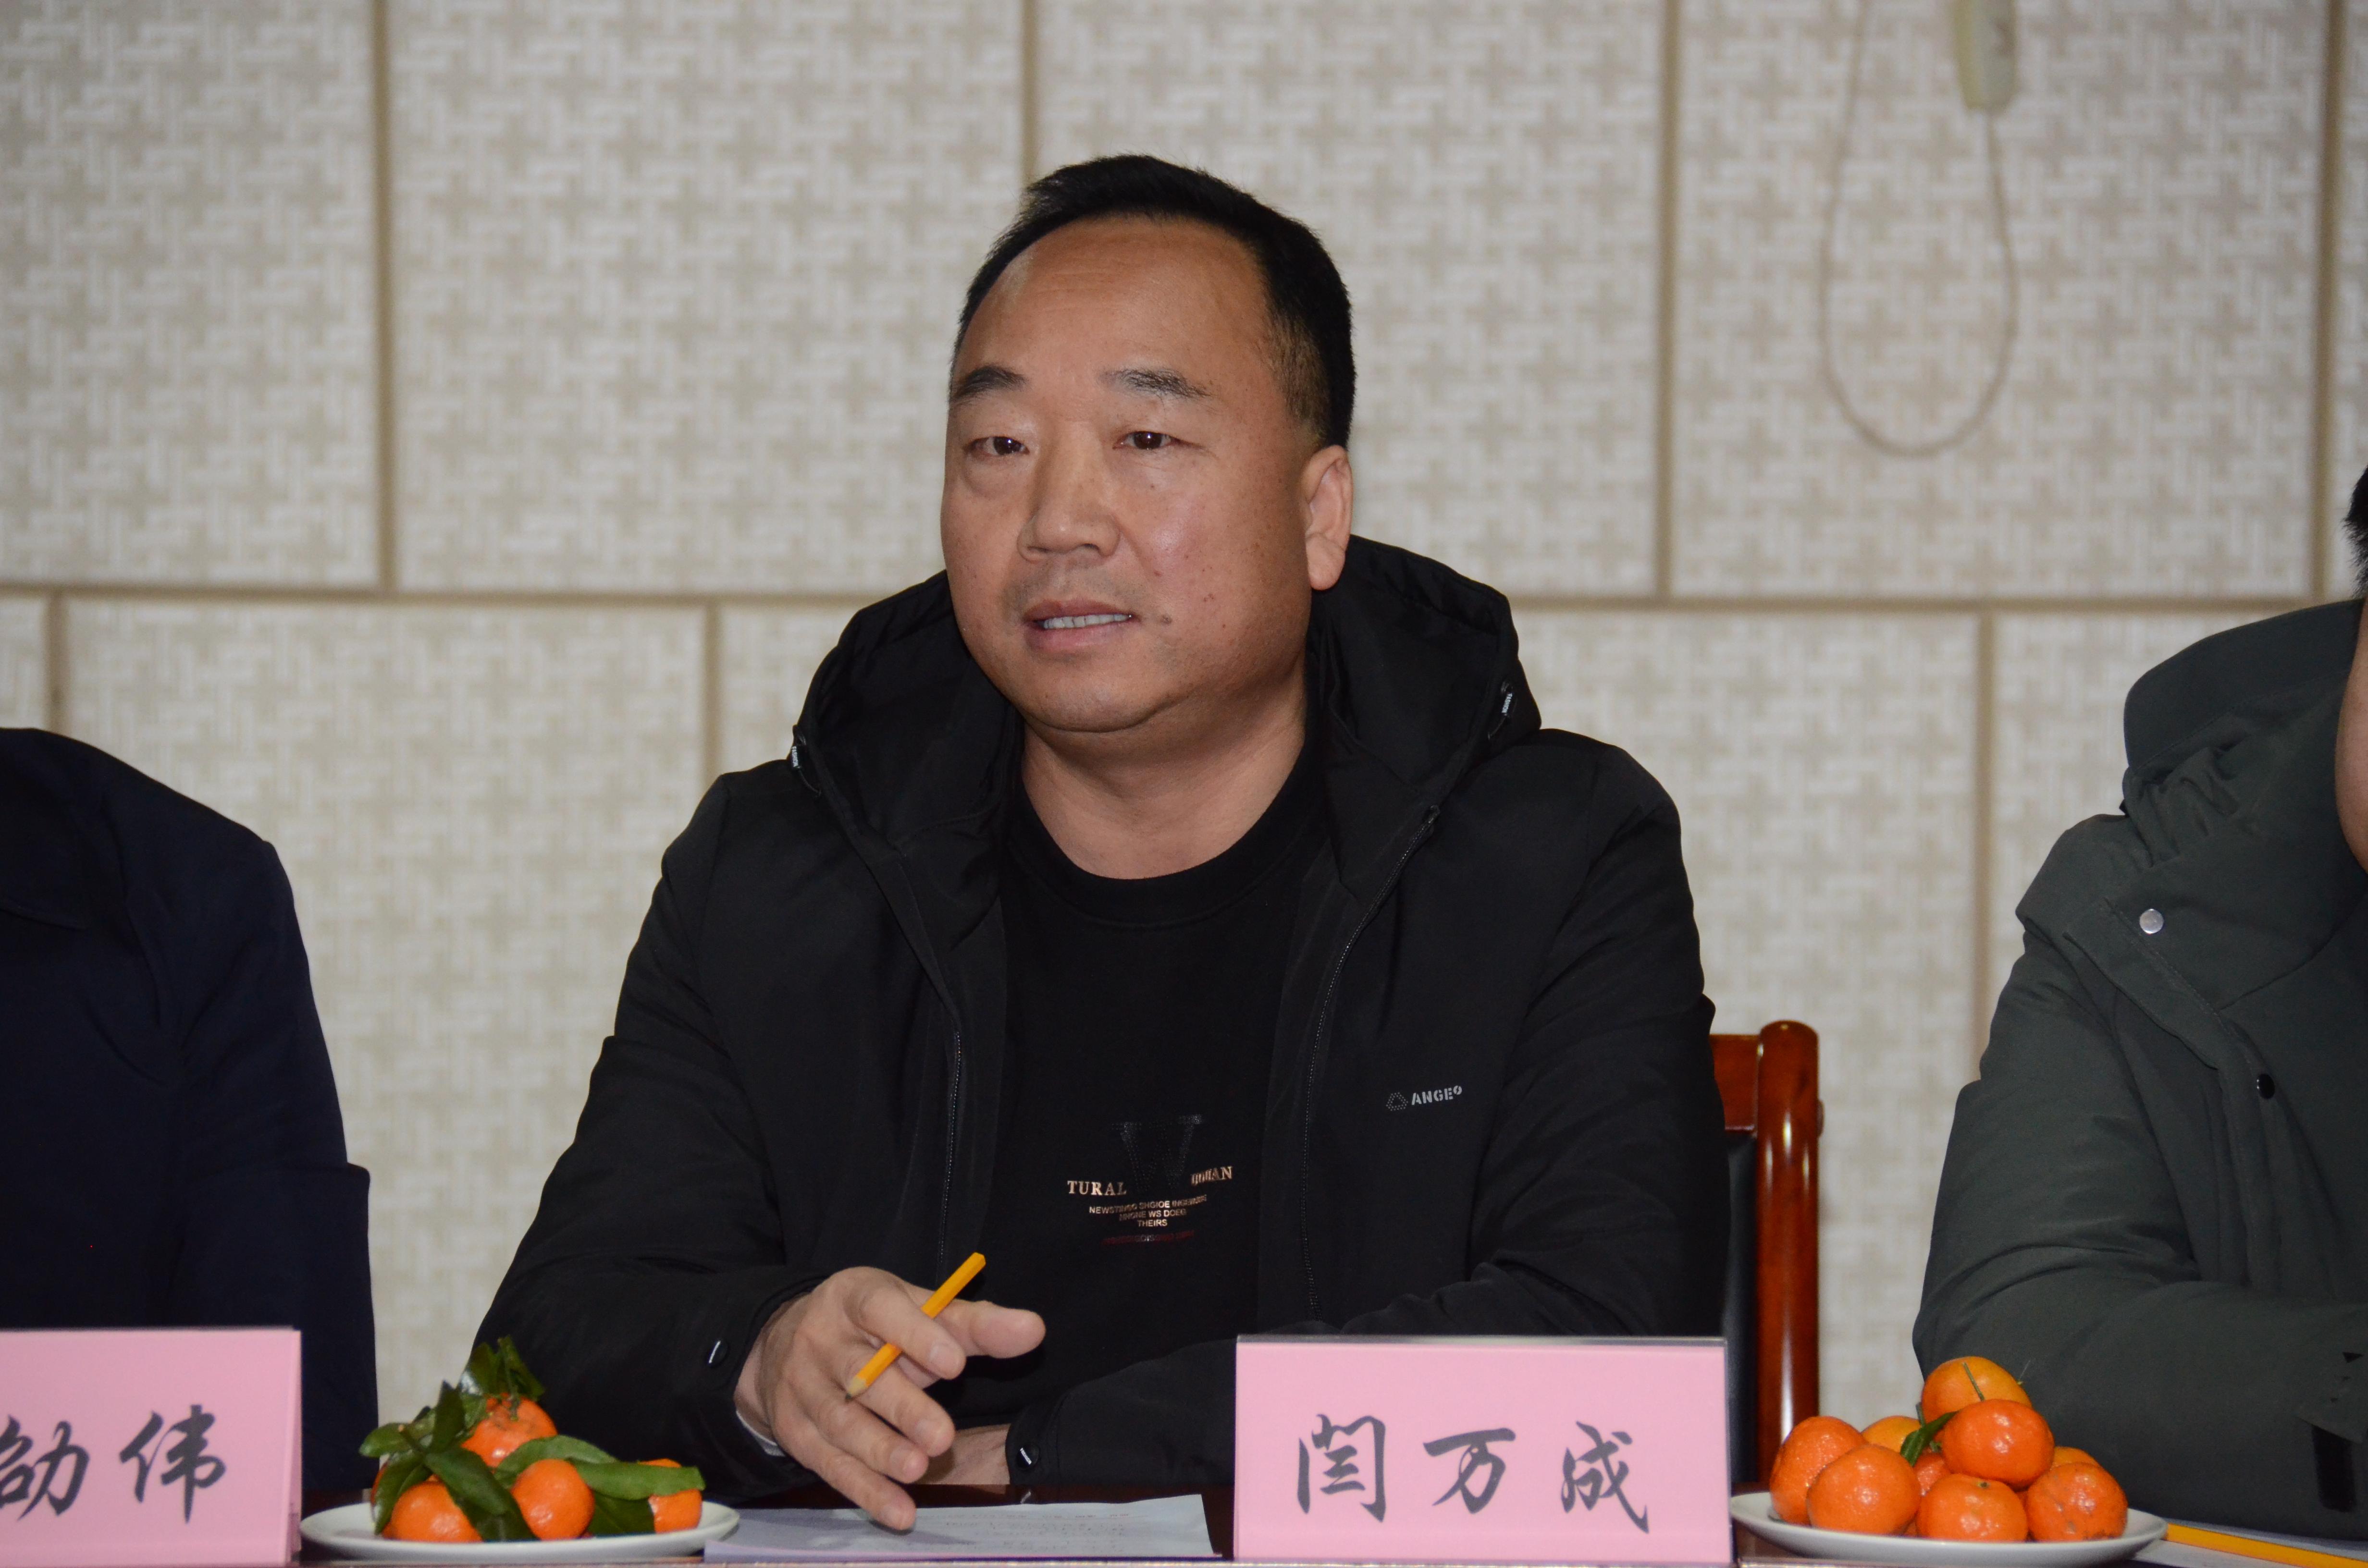 宜阳县文旅局携手万景旅业吹响2021年文旅工作新号角